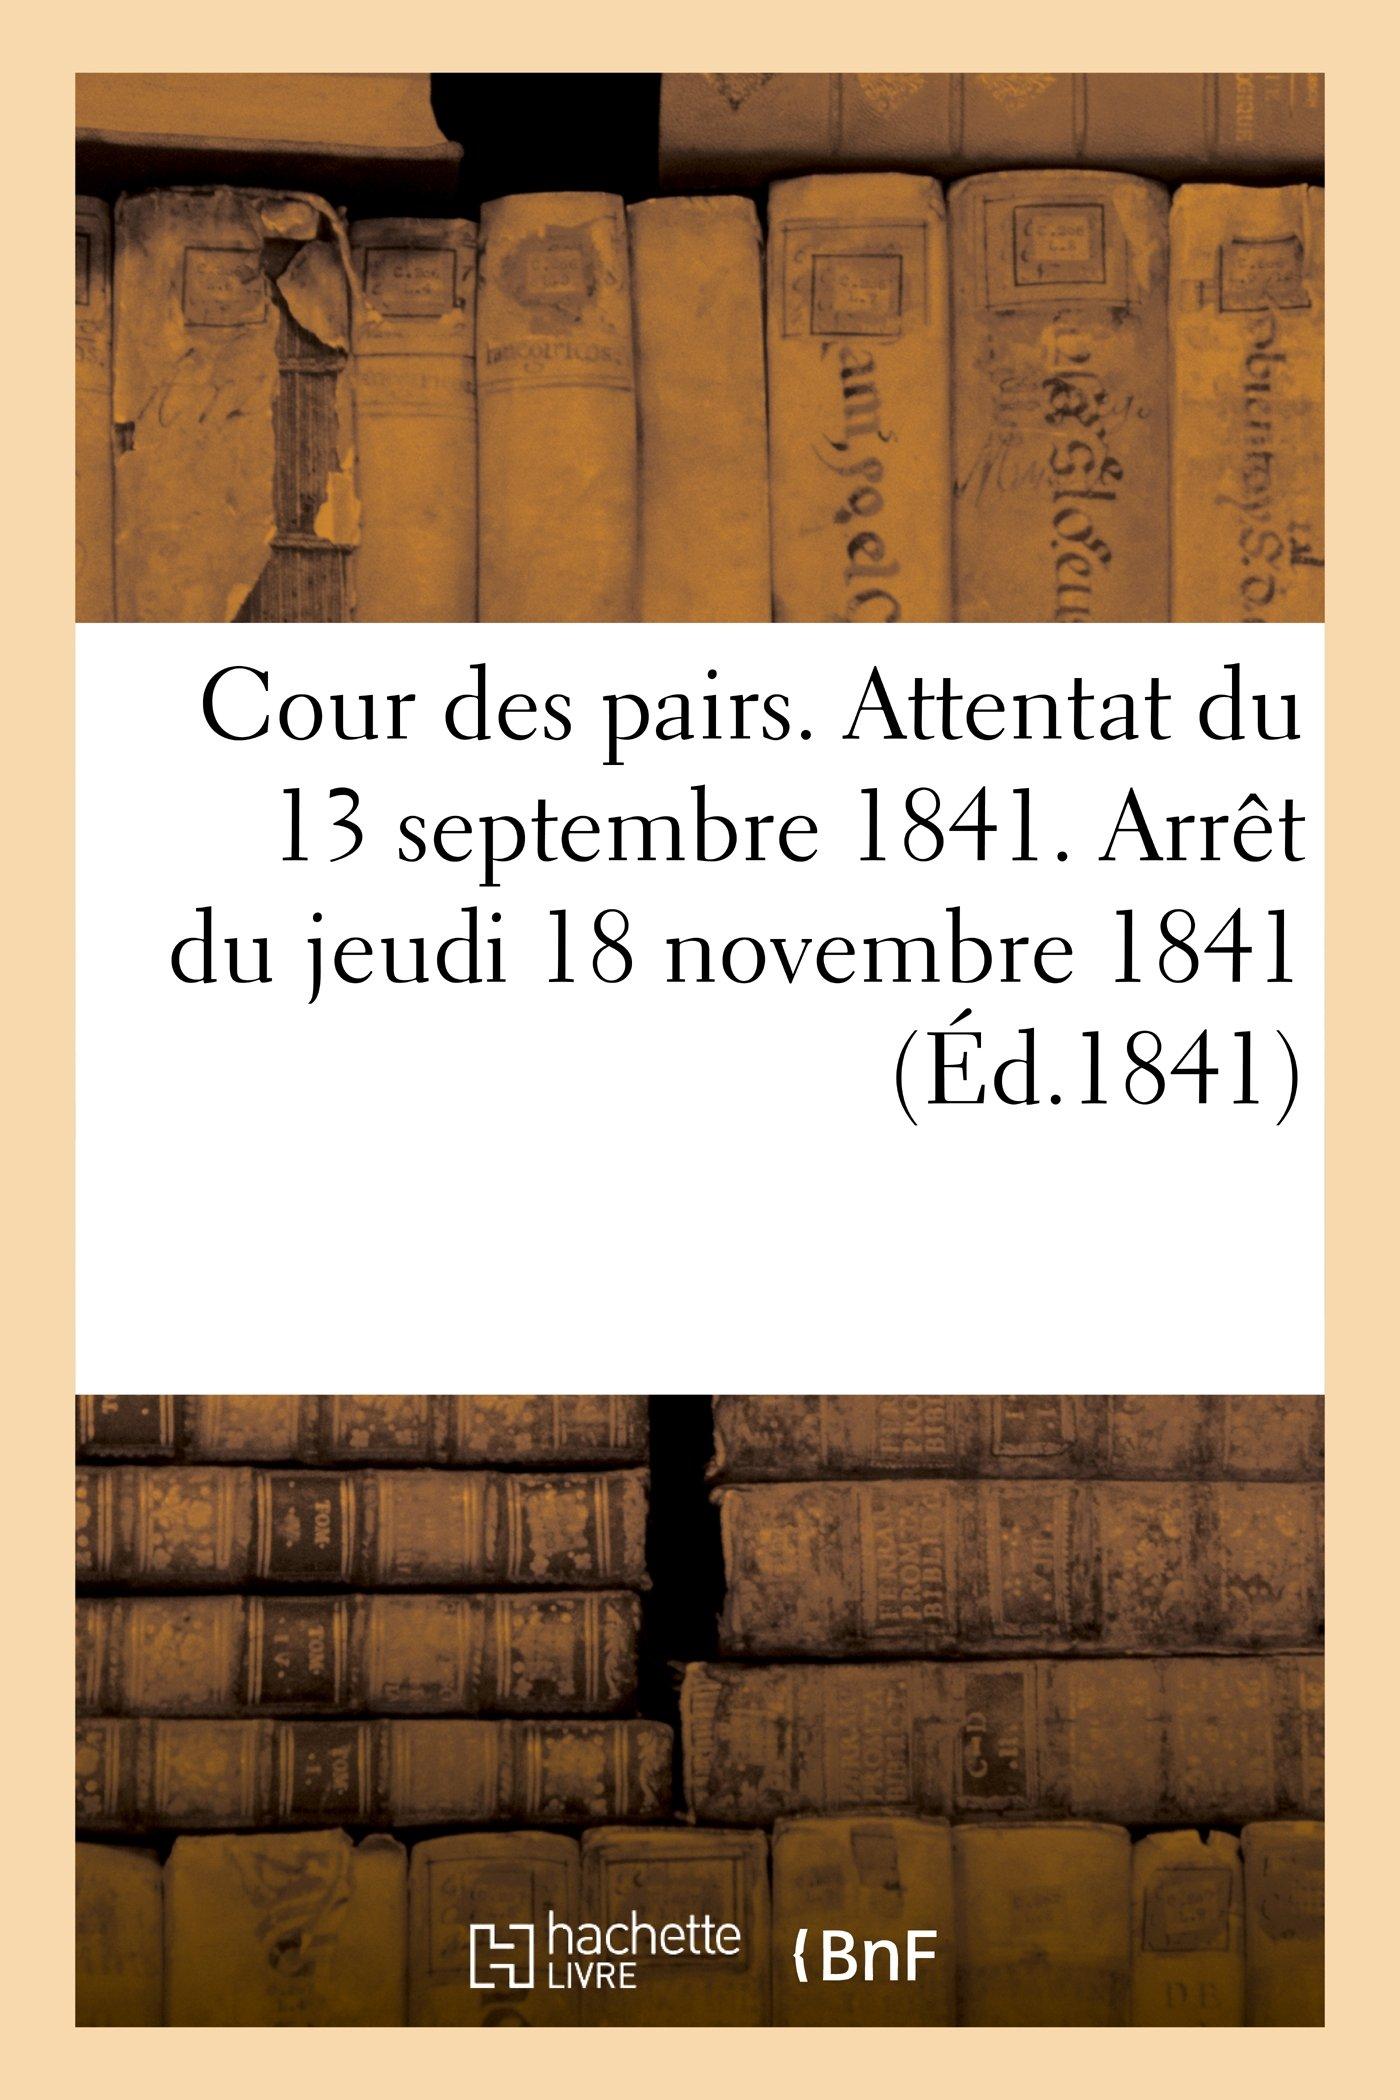 Cour Des Pairs. Attentat Du 13 Septembre 1841. Arret Du Jeudi 18 Novembre 1841. Acte D'Accusation (Sciences Sociales) (French Edition) ebook